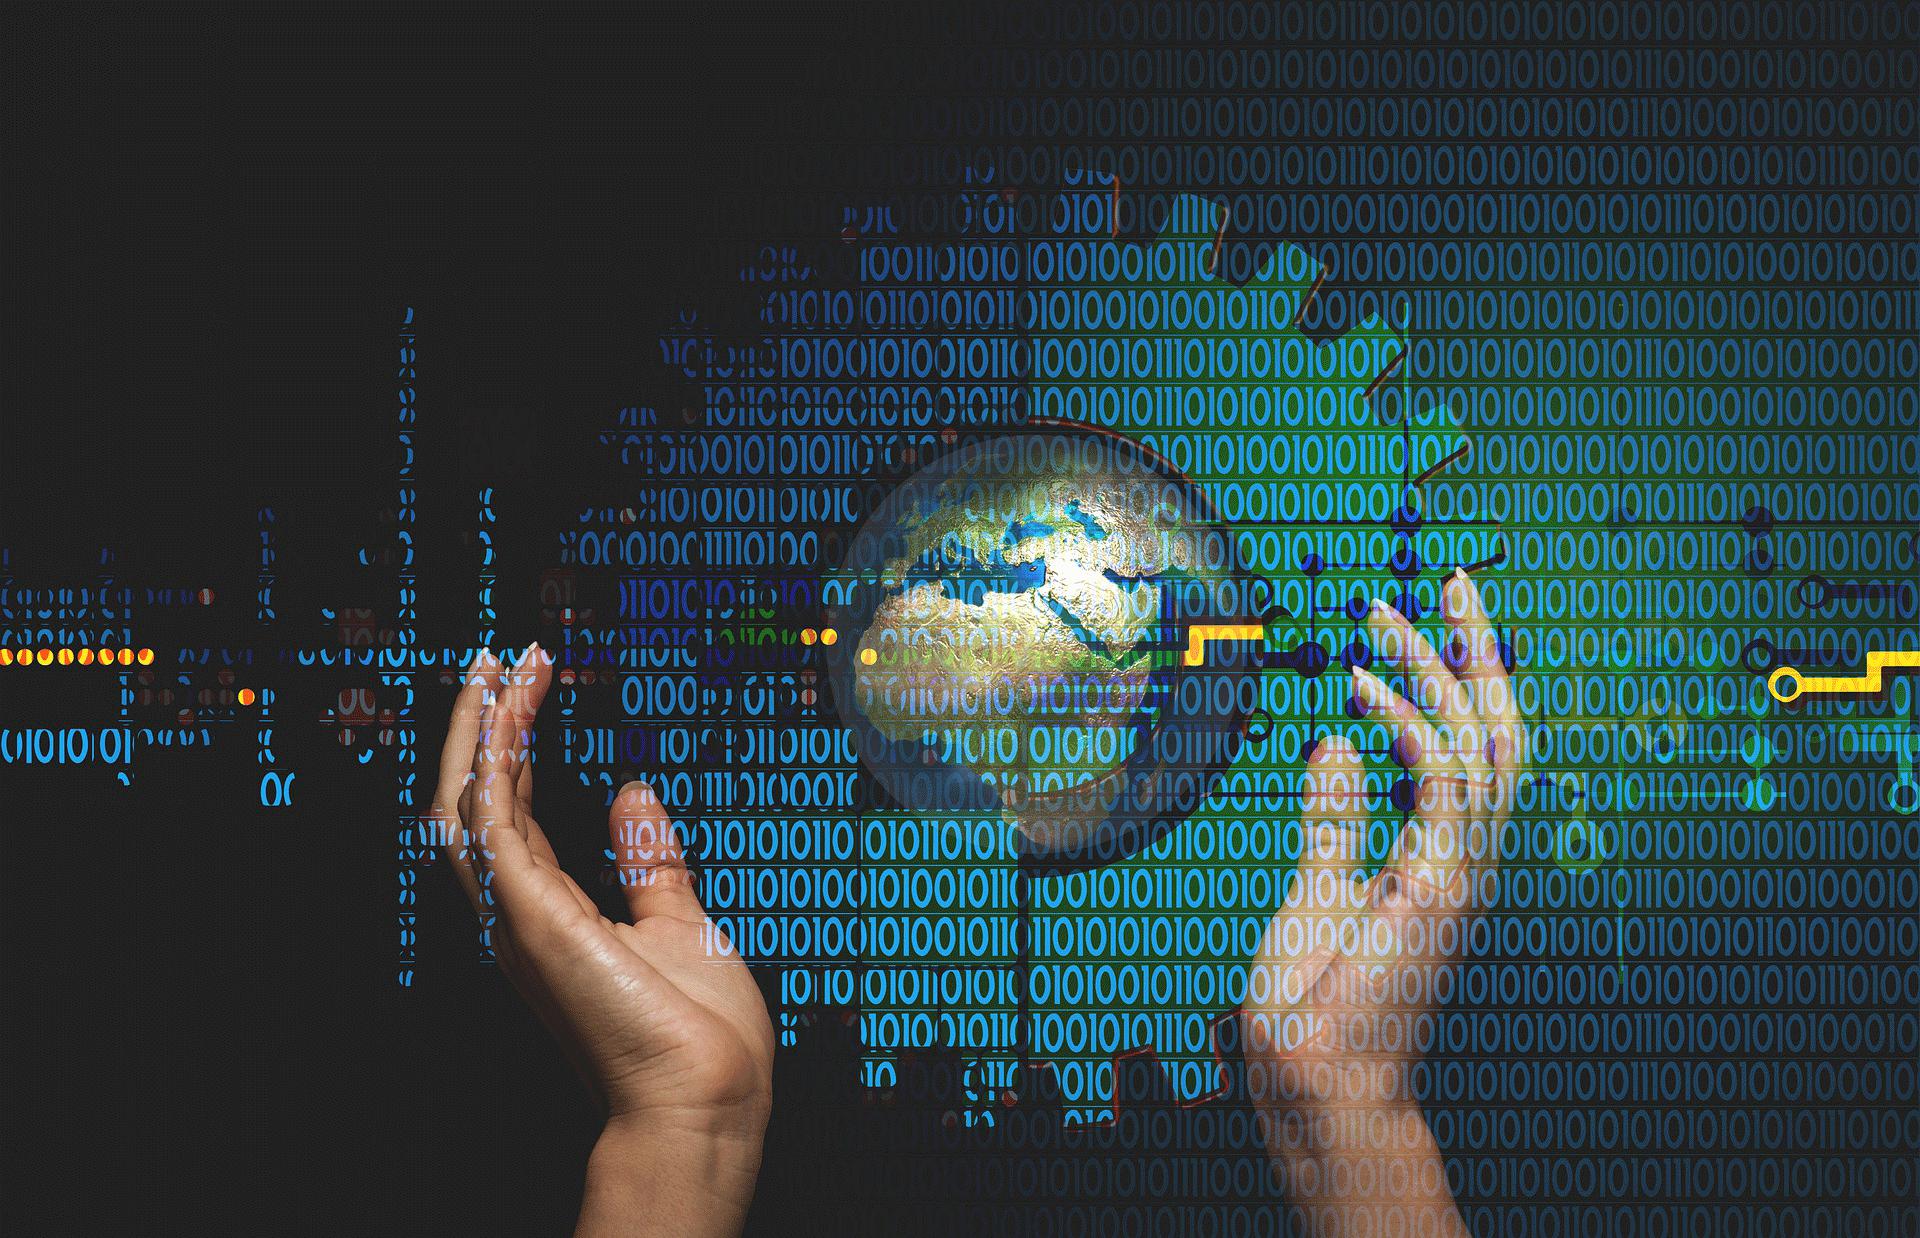 Habilidades tecnológicas y la realidad digital del trabajo en el Siglo XXI